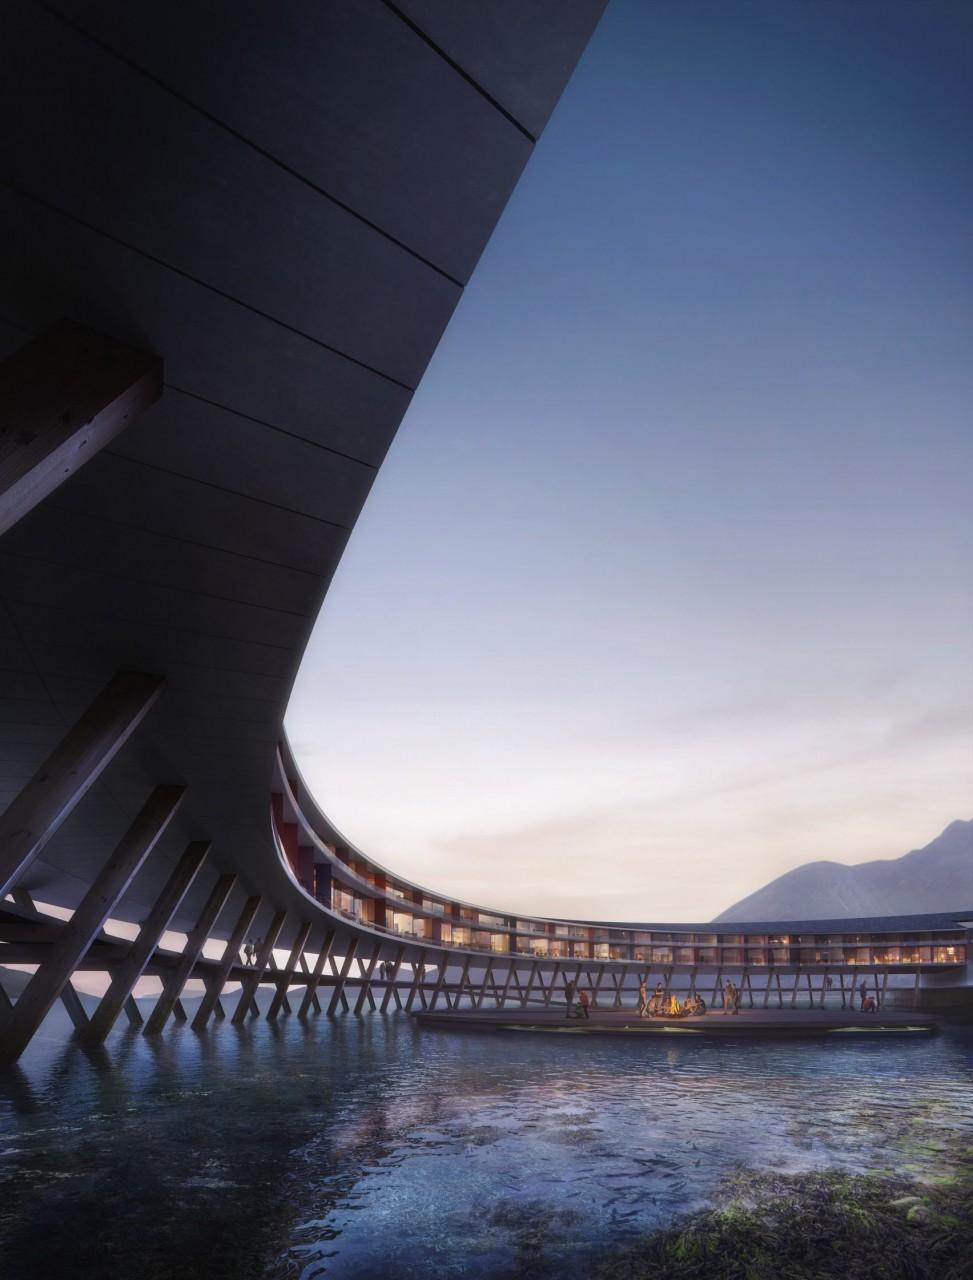 Отель на солнечных батареях в арктическом климате архитектура